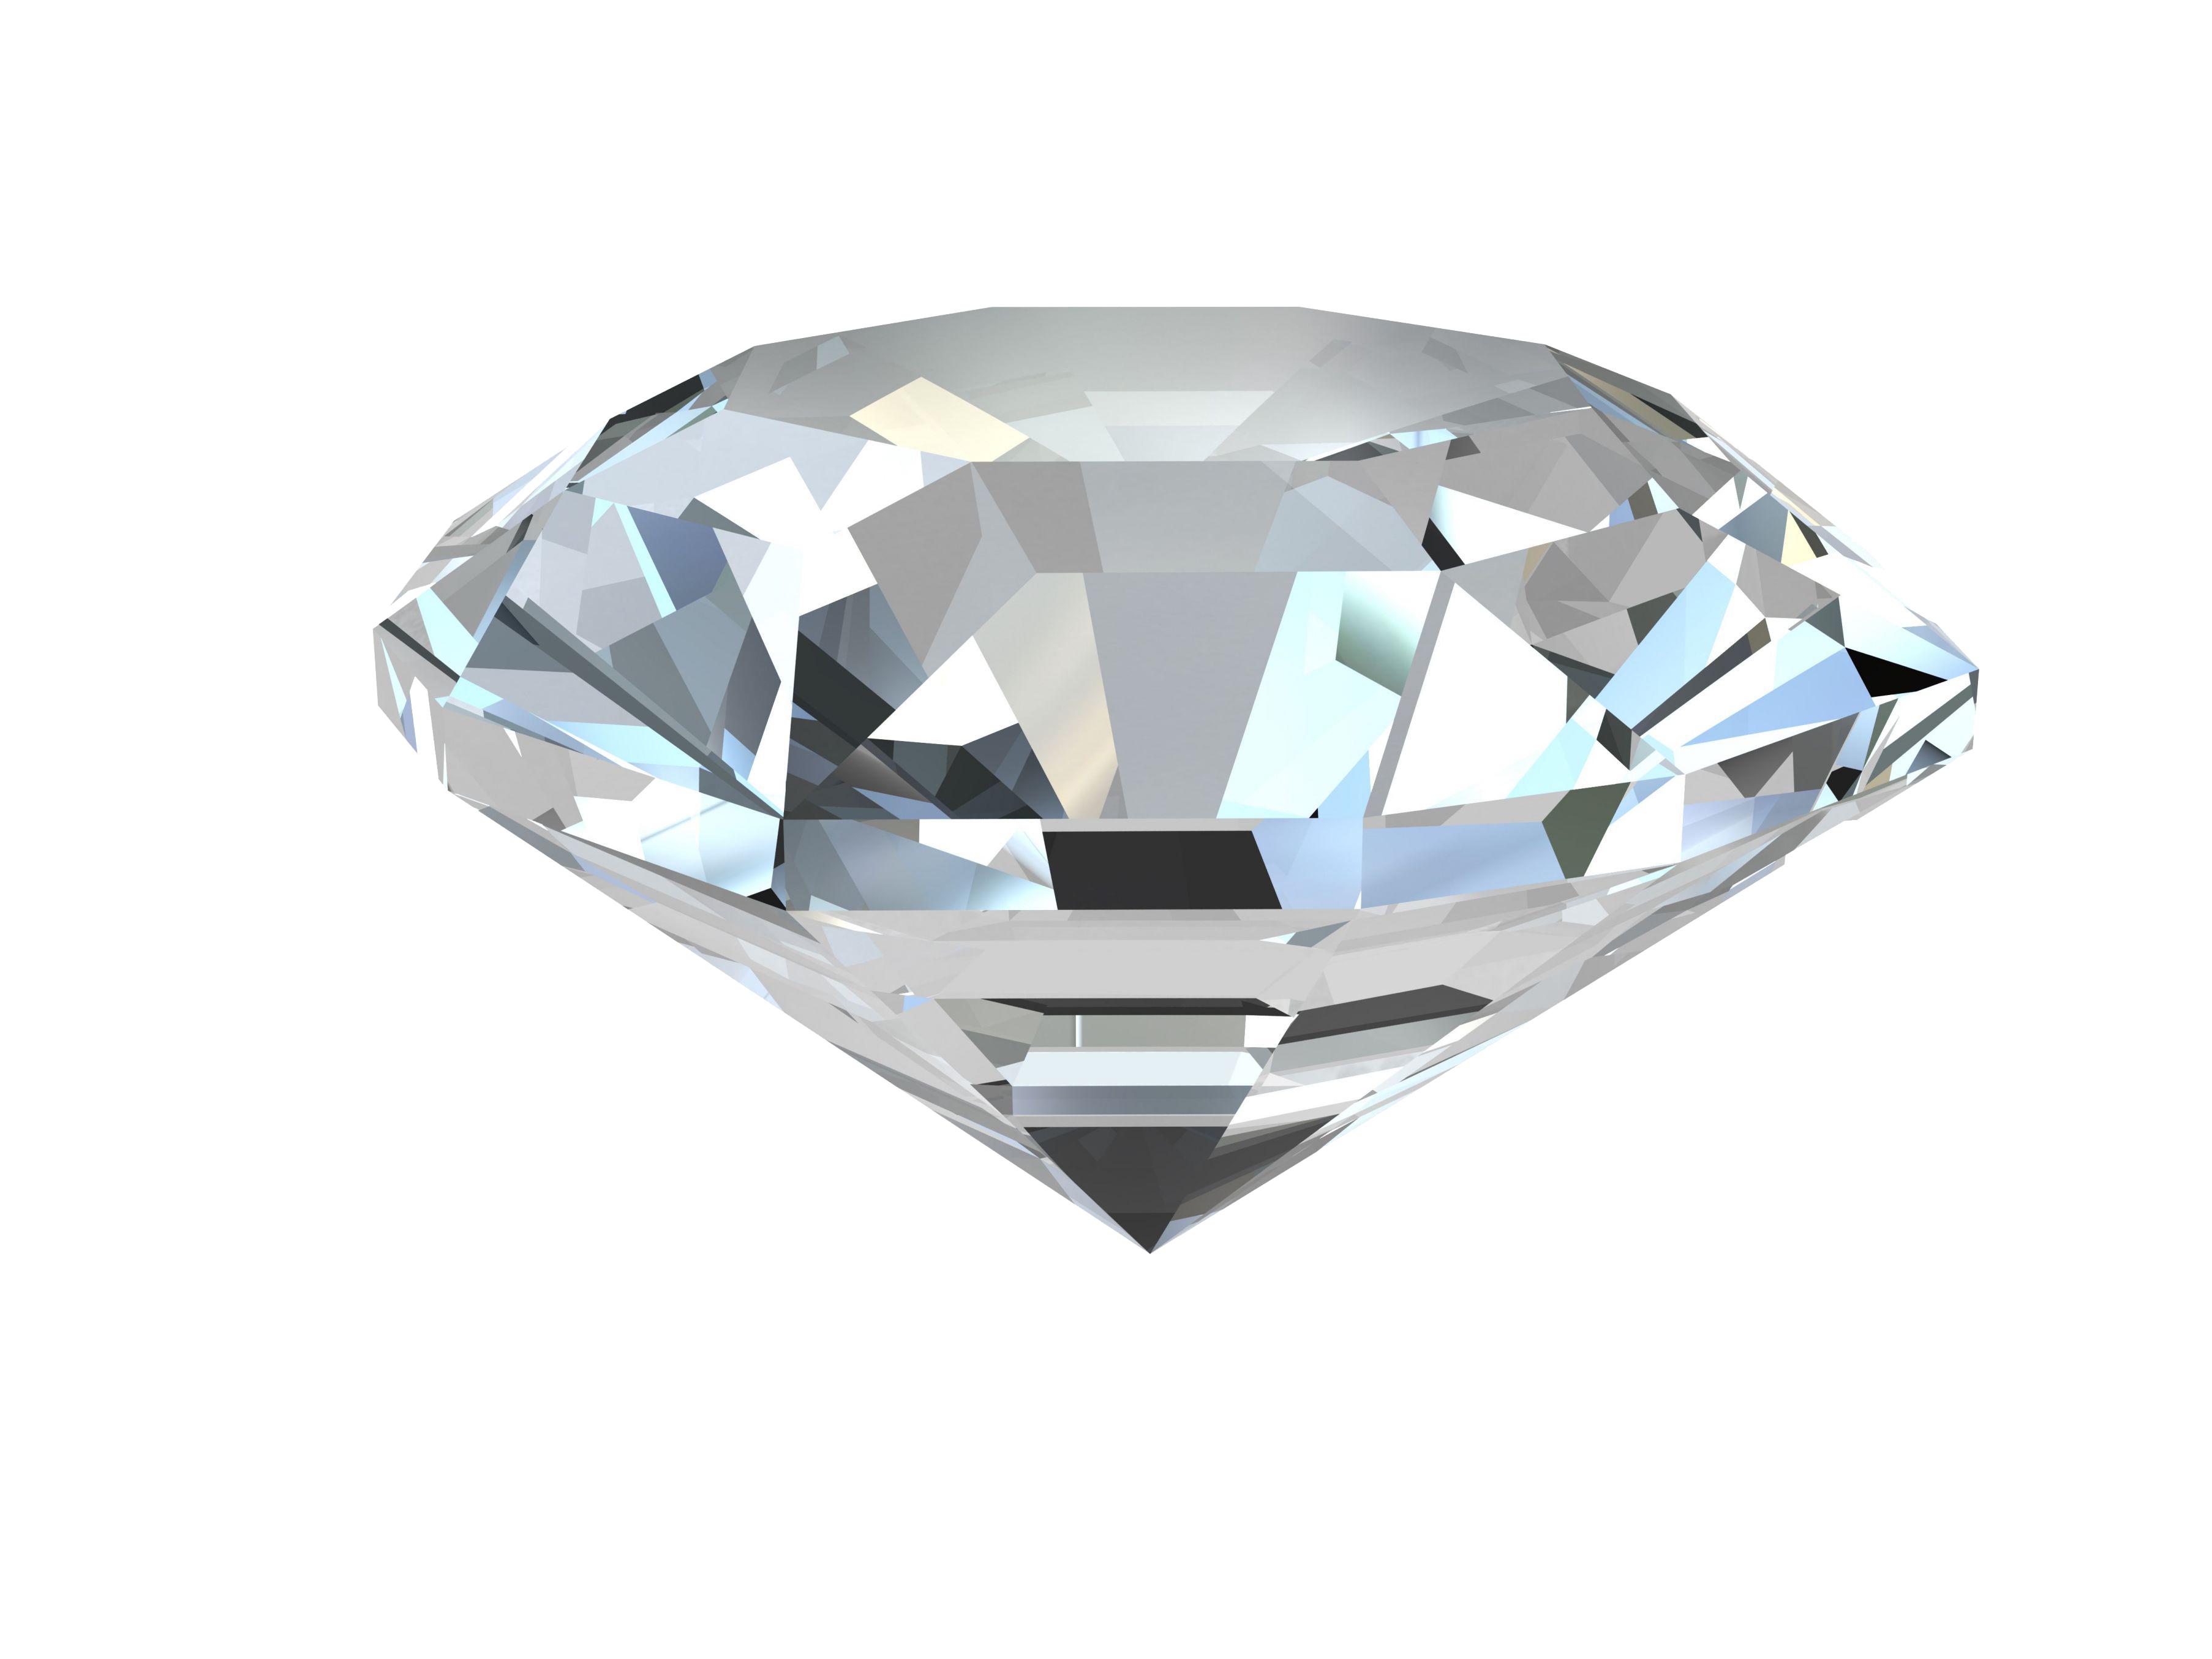 Diamond Hd Png Transparent Diamond Hdpng Images Pluspng